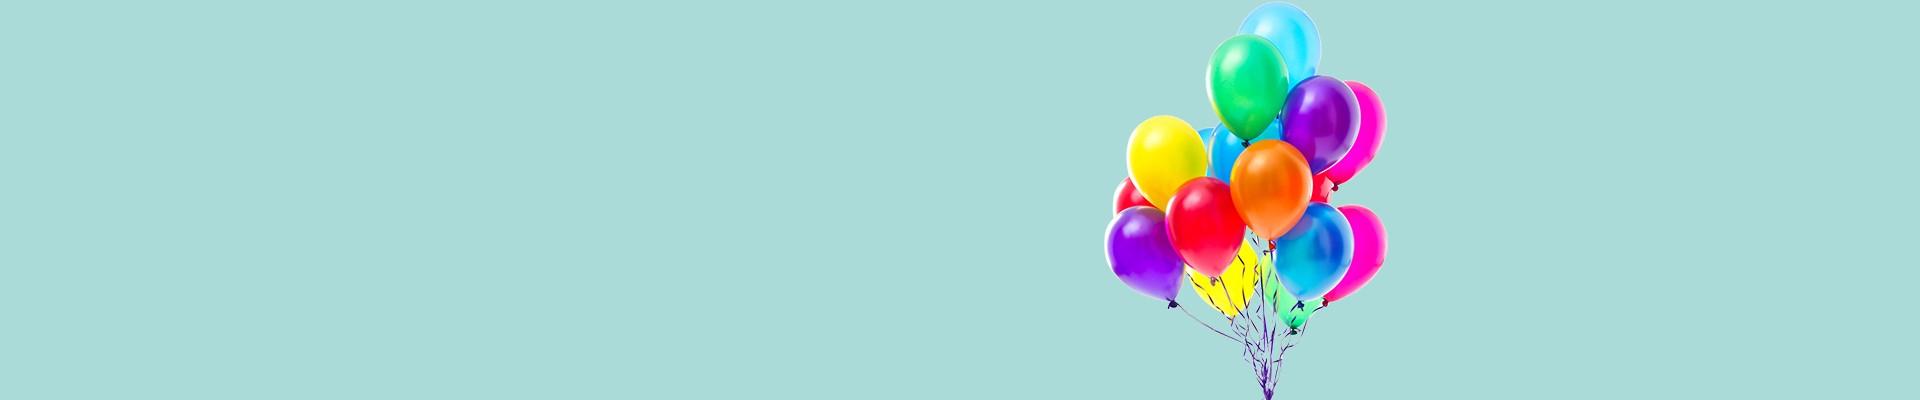 Jual Balon Karet & Balon Latex Semua Model